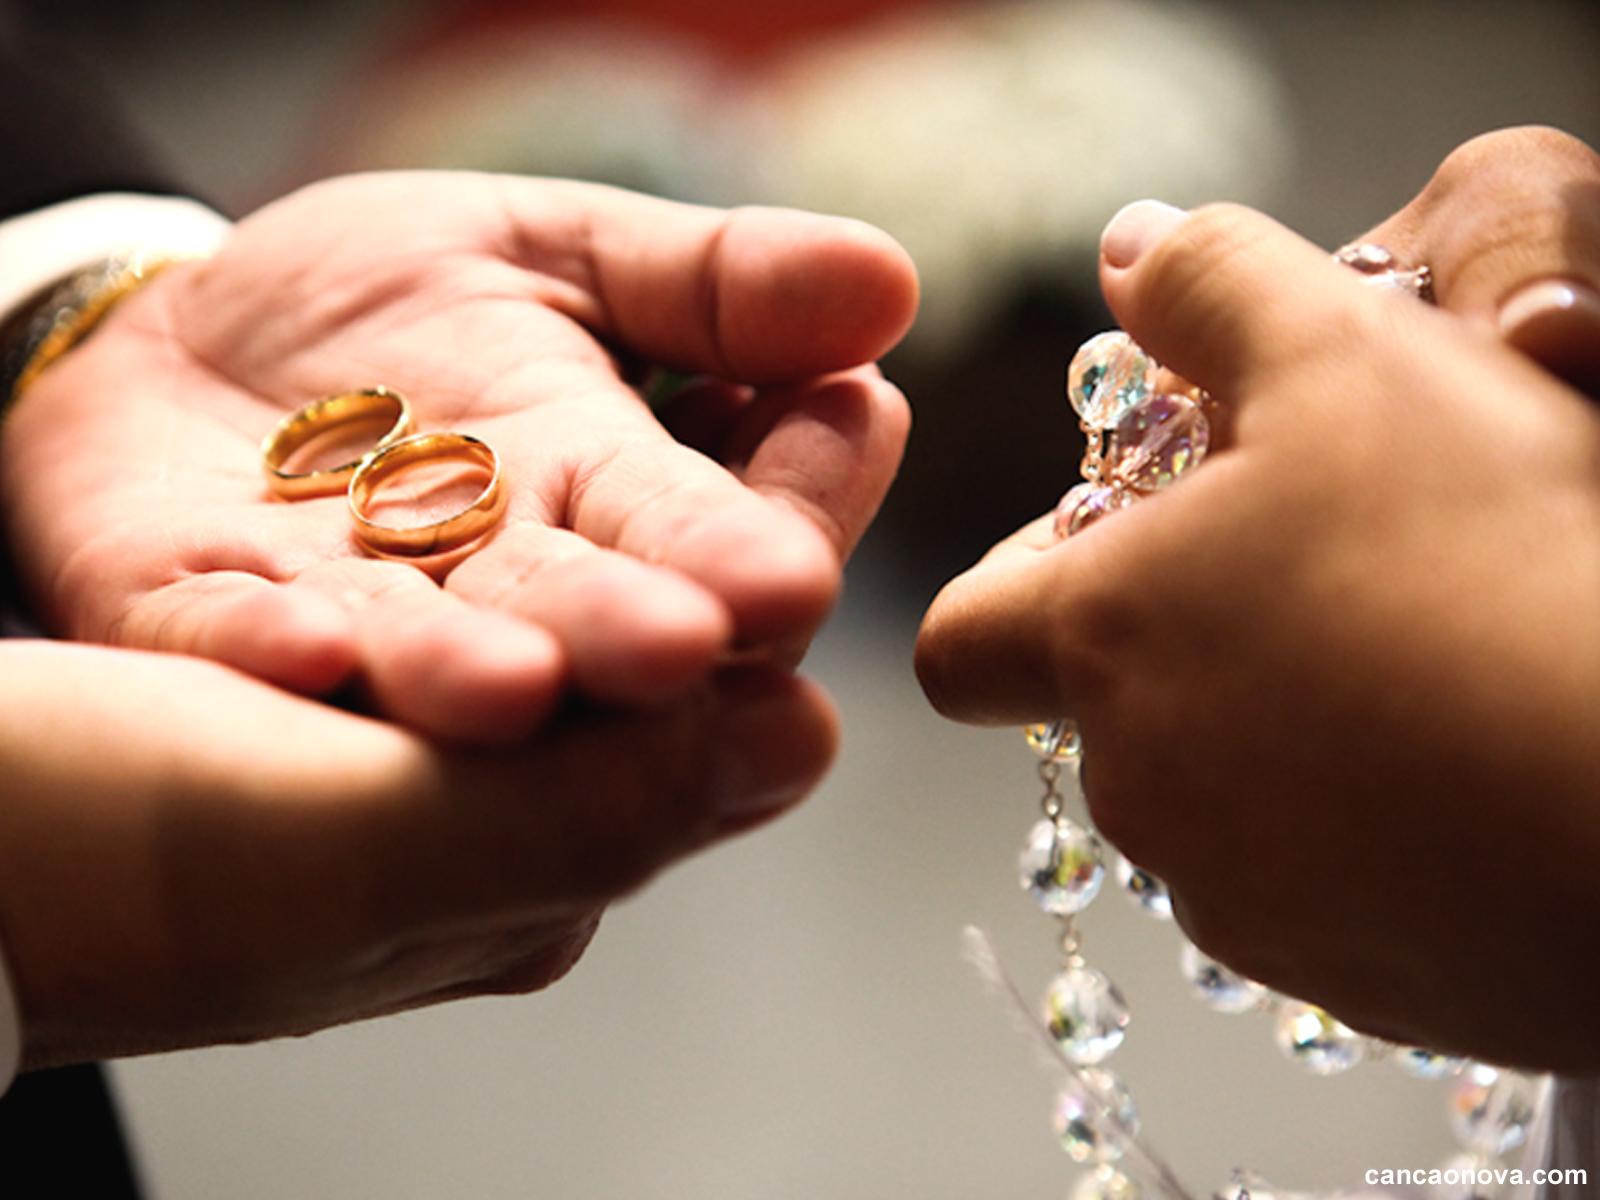 Verdades fundamentais sobre o matrimônio - 1600x1200